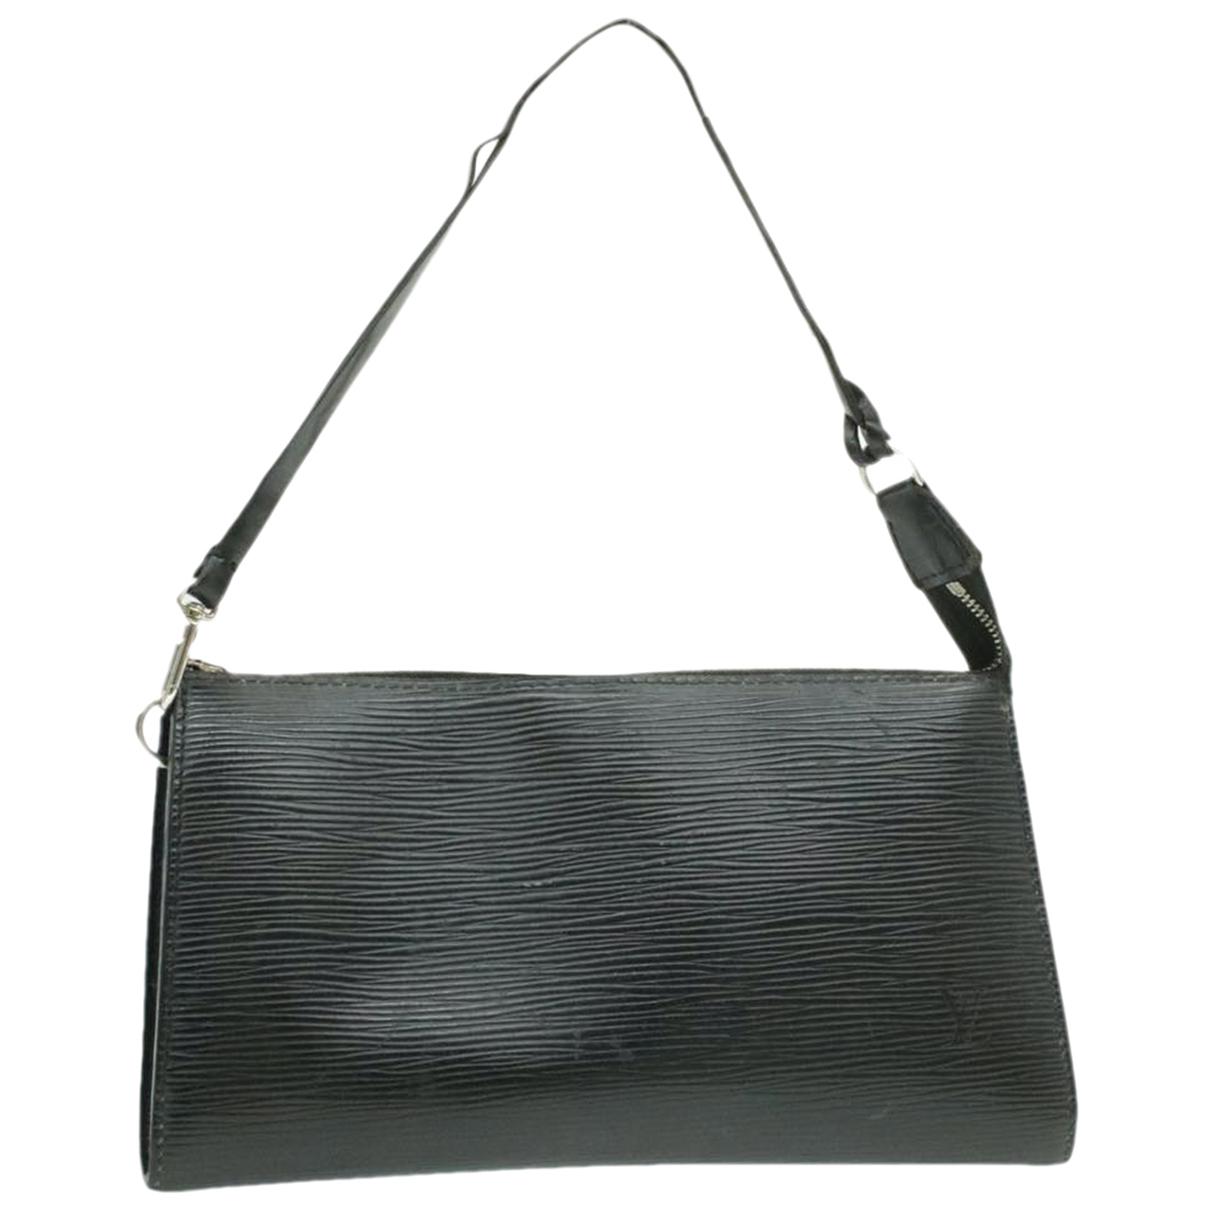 Louis Vuitton - Sac de voyage   pour femme en cuir - noir